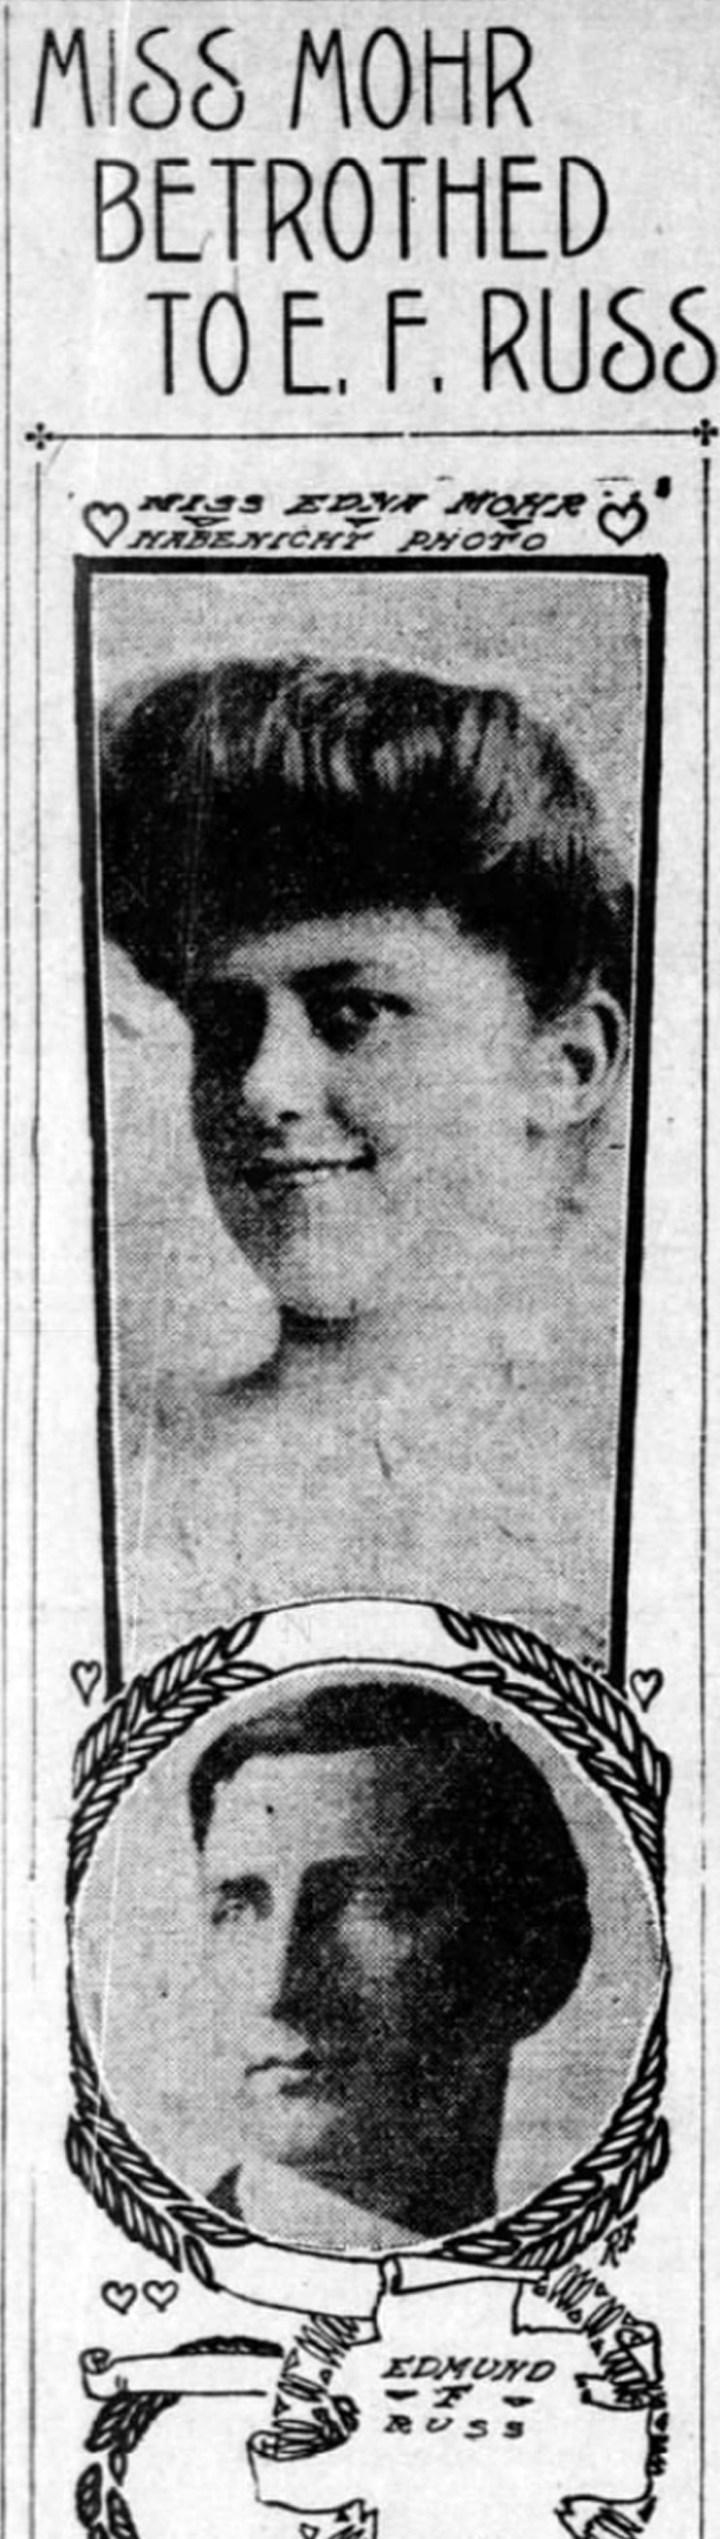 Edna Mohr upon her engagement to Edmund Russ. SF Call, 6 Nov 1905.